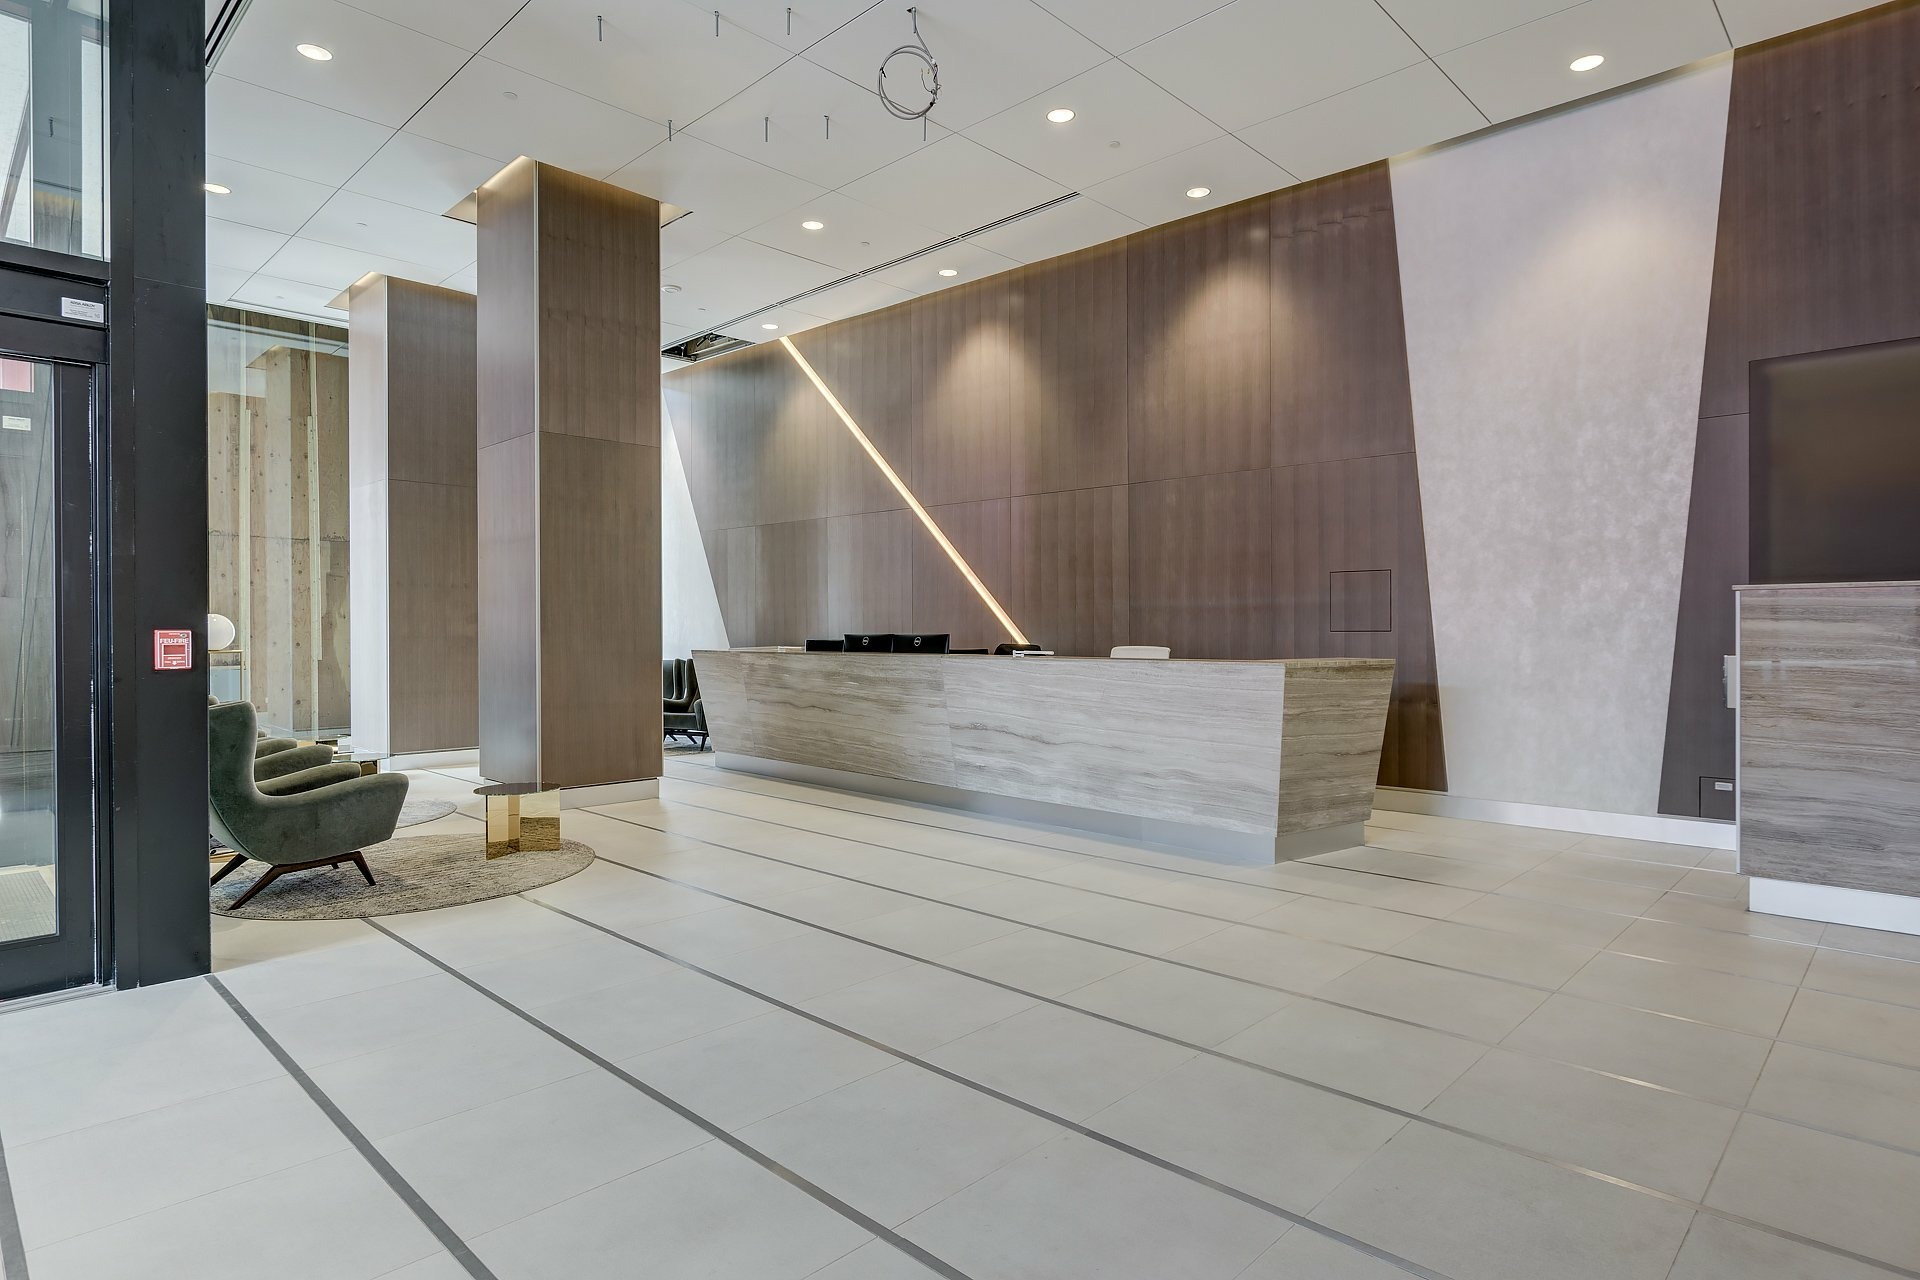 image 15 - Apartment For rent Montréal Ville-Marie  - 4 rooms